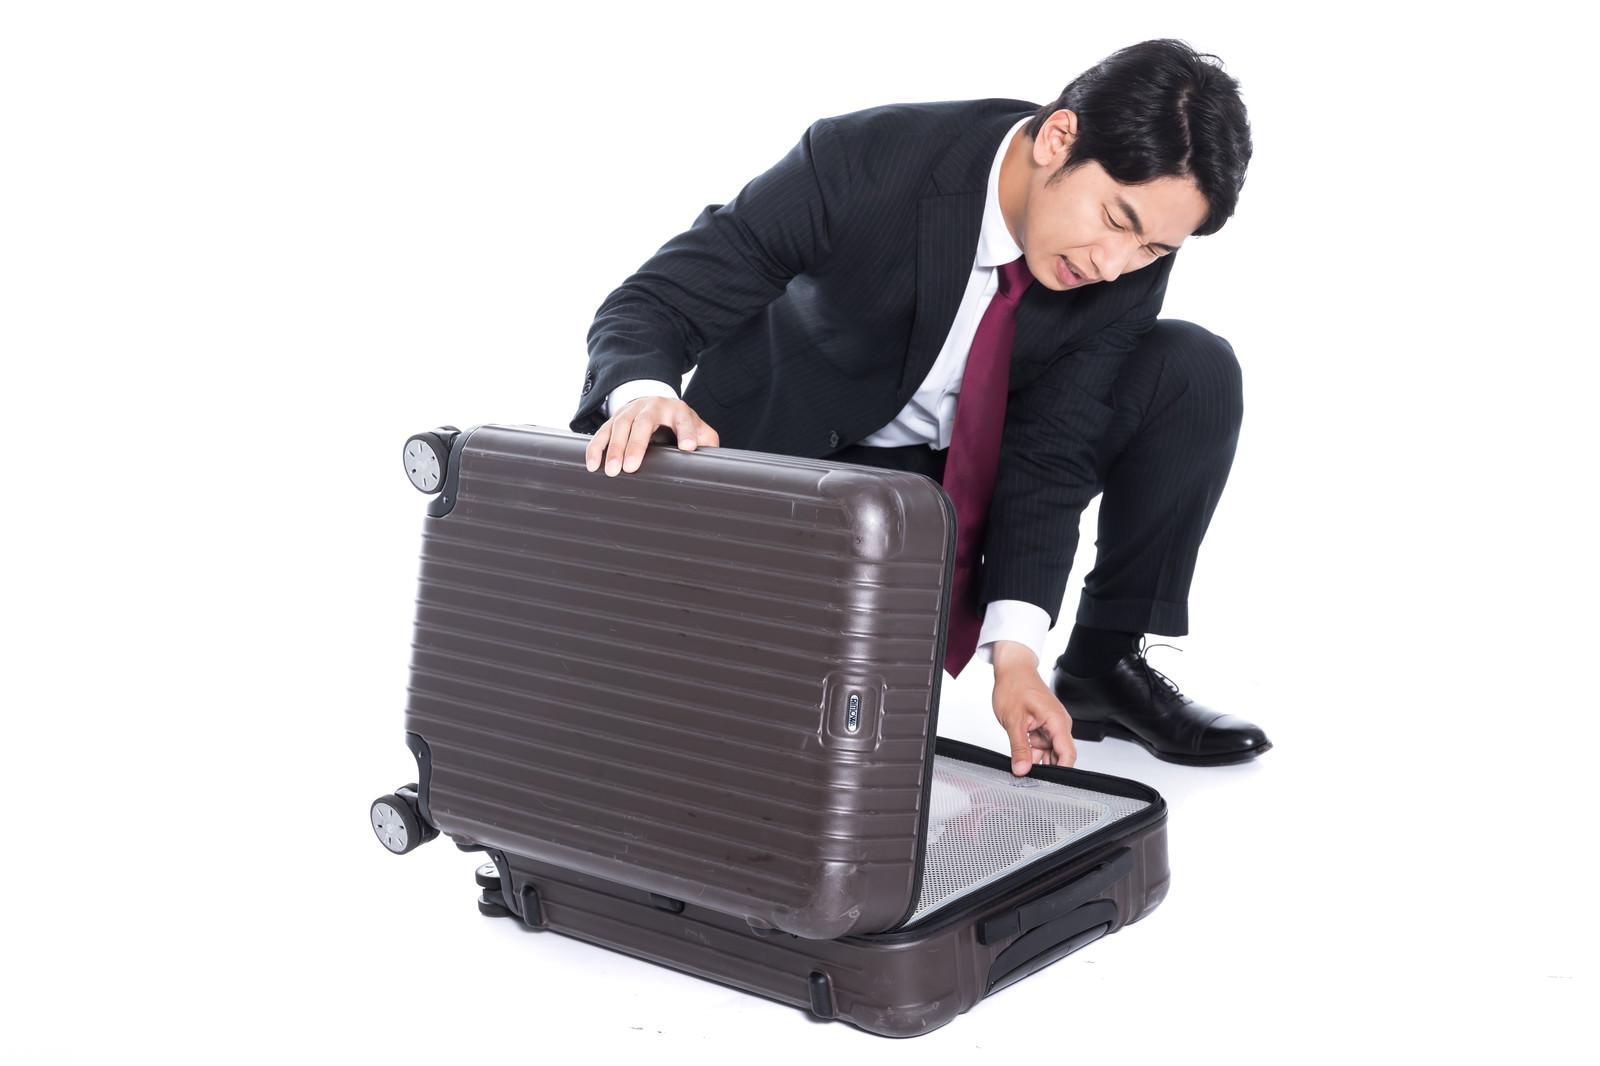 「スーツケースが閉まらないトラブルの会社員」の写真[モデル:大川竜弥]